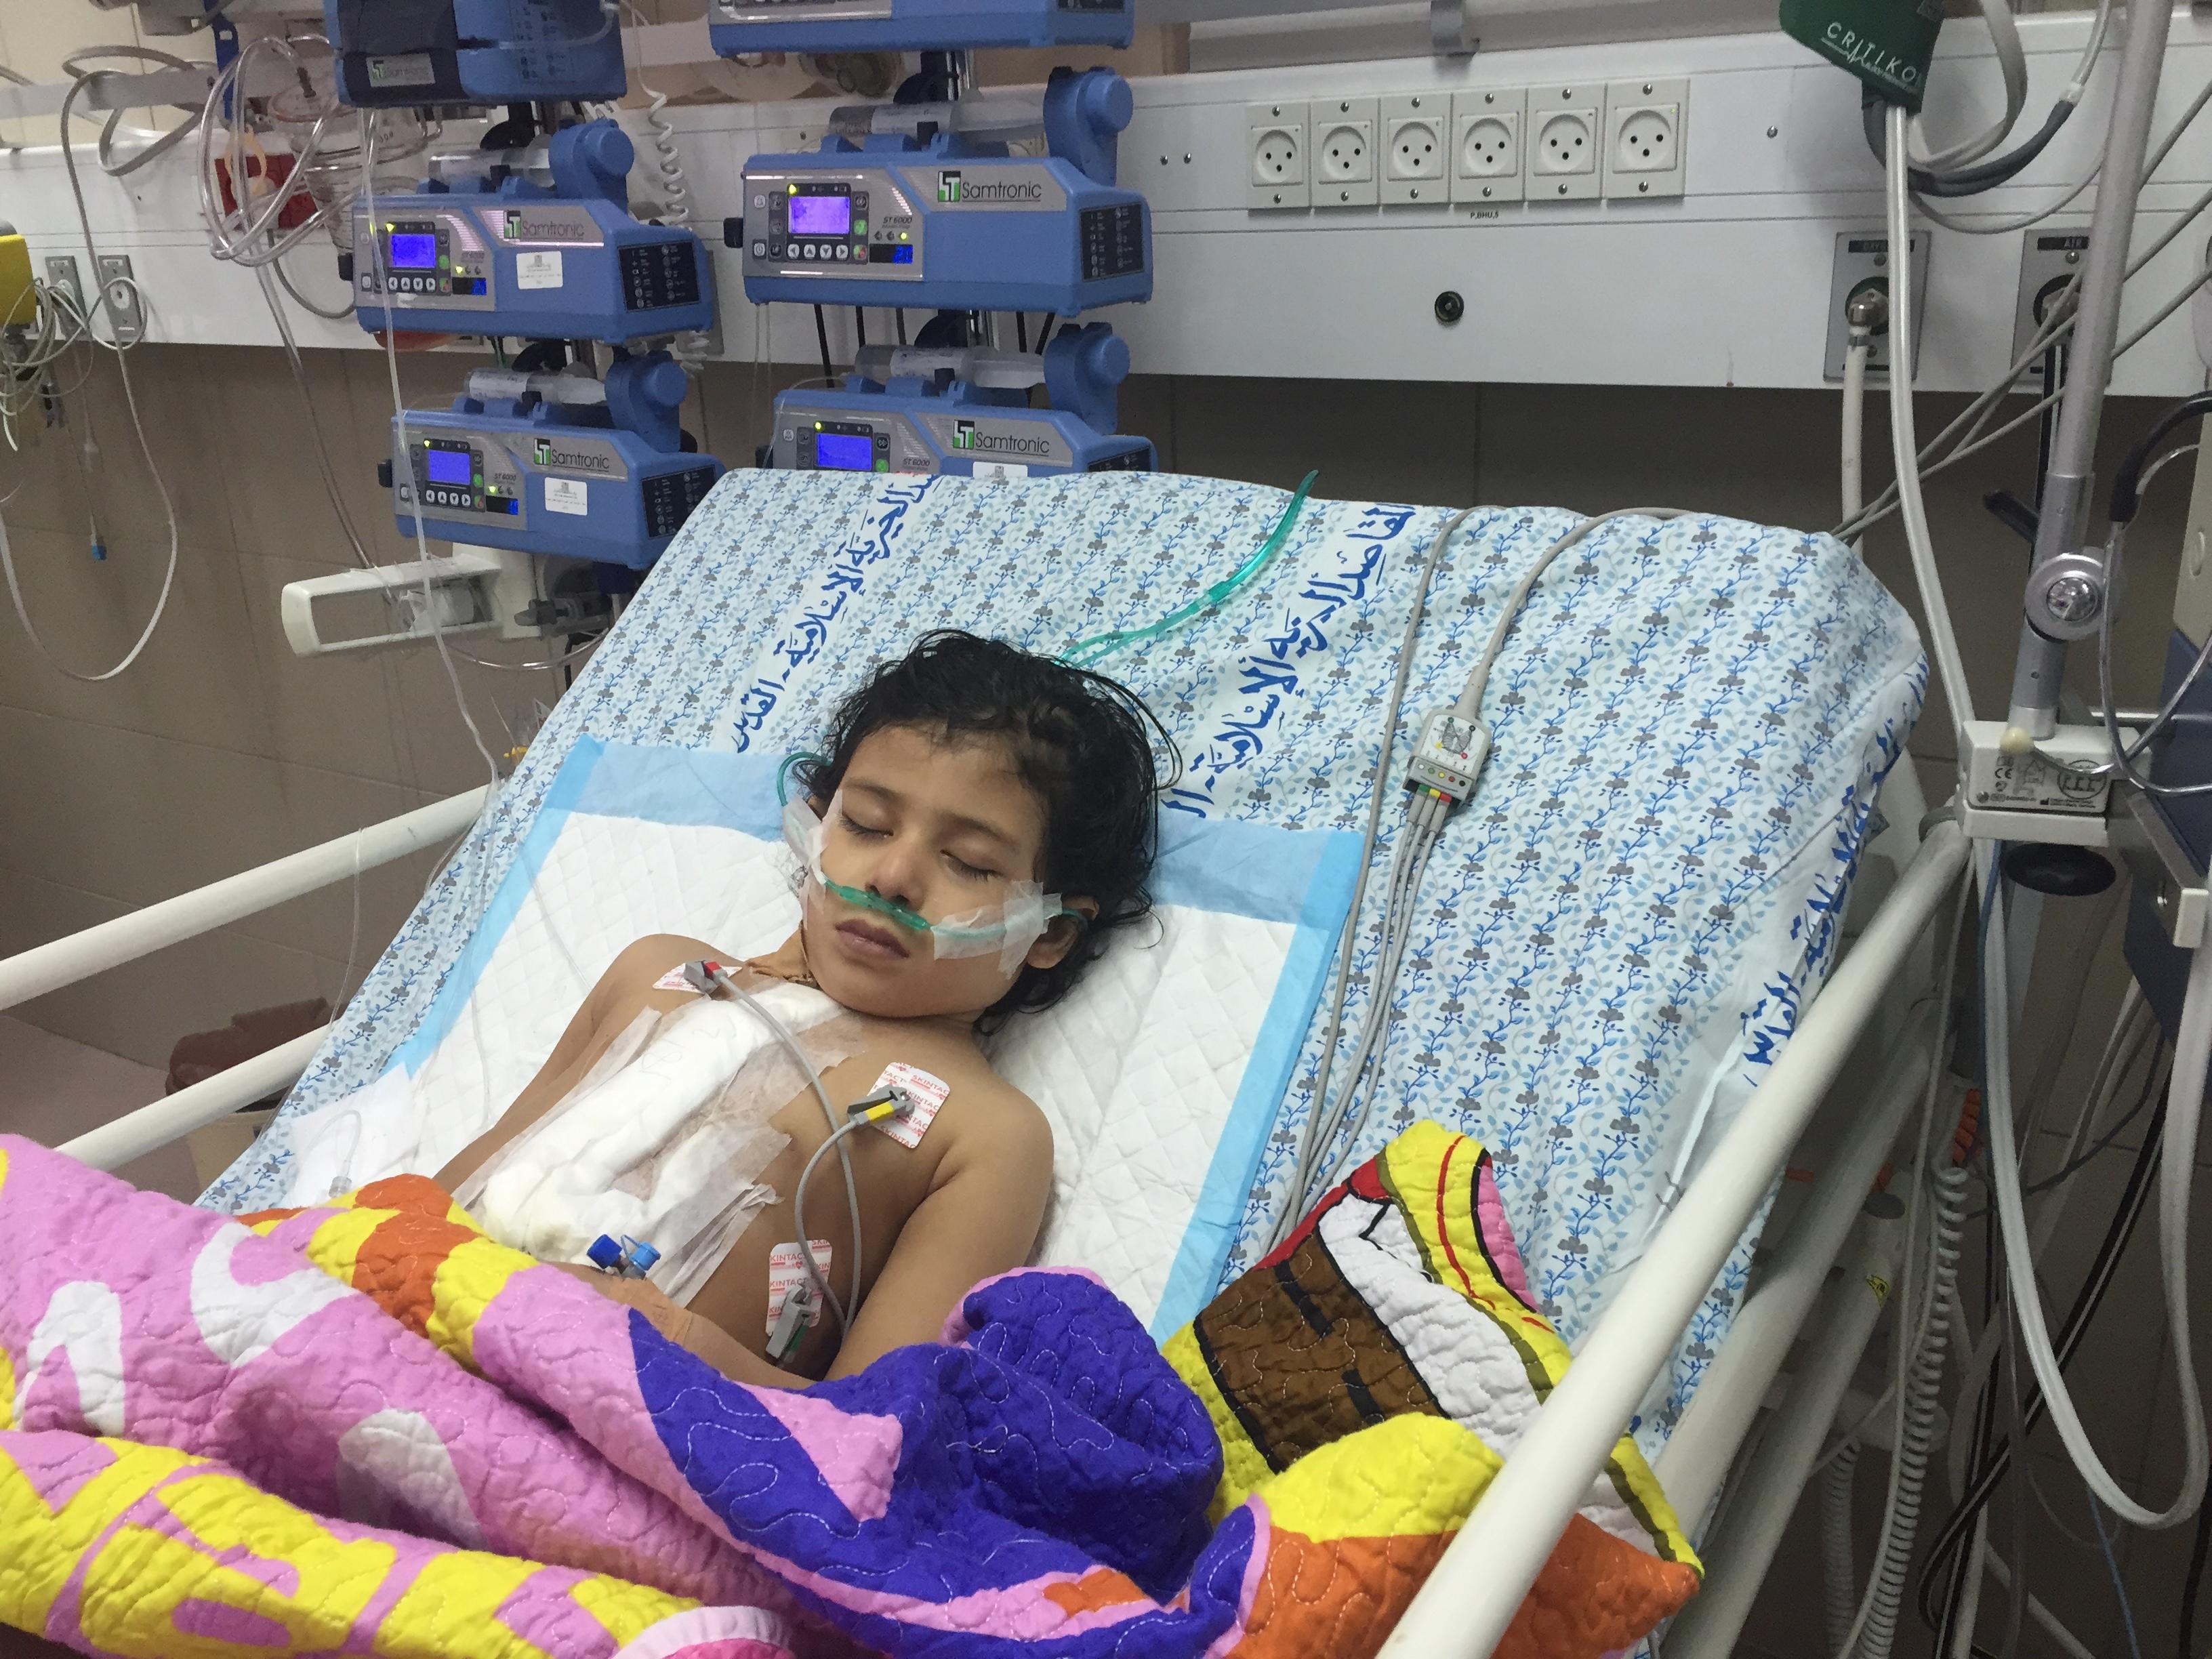 وحدة جراحة قلب الأطفال في المقاصد تجري عمليات معقّدة على مستوى المنطقة